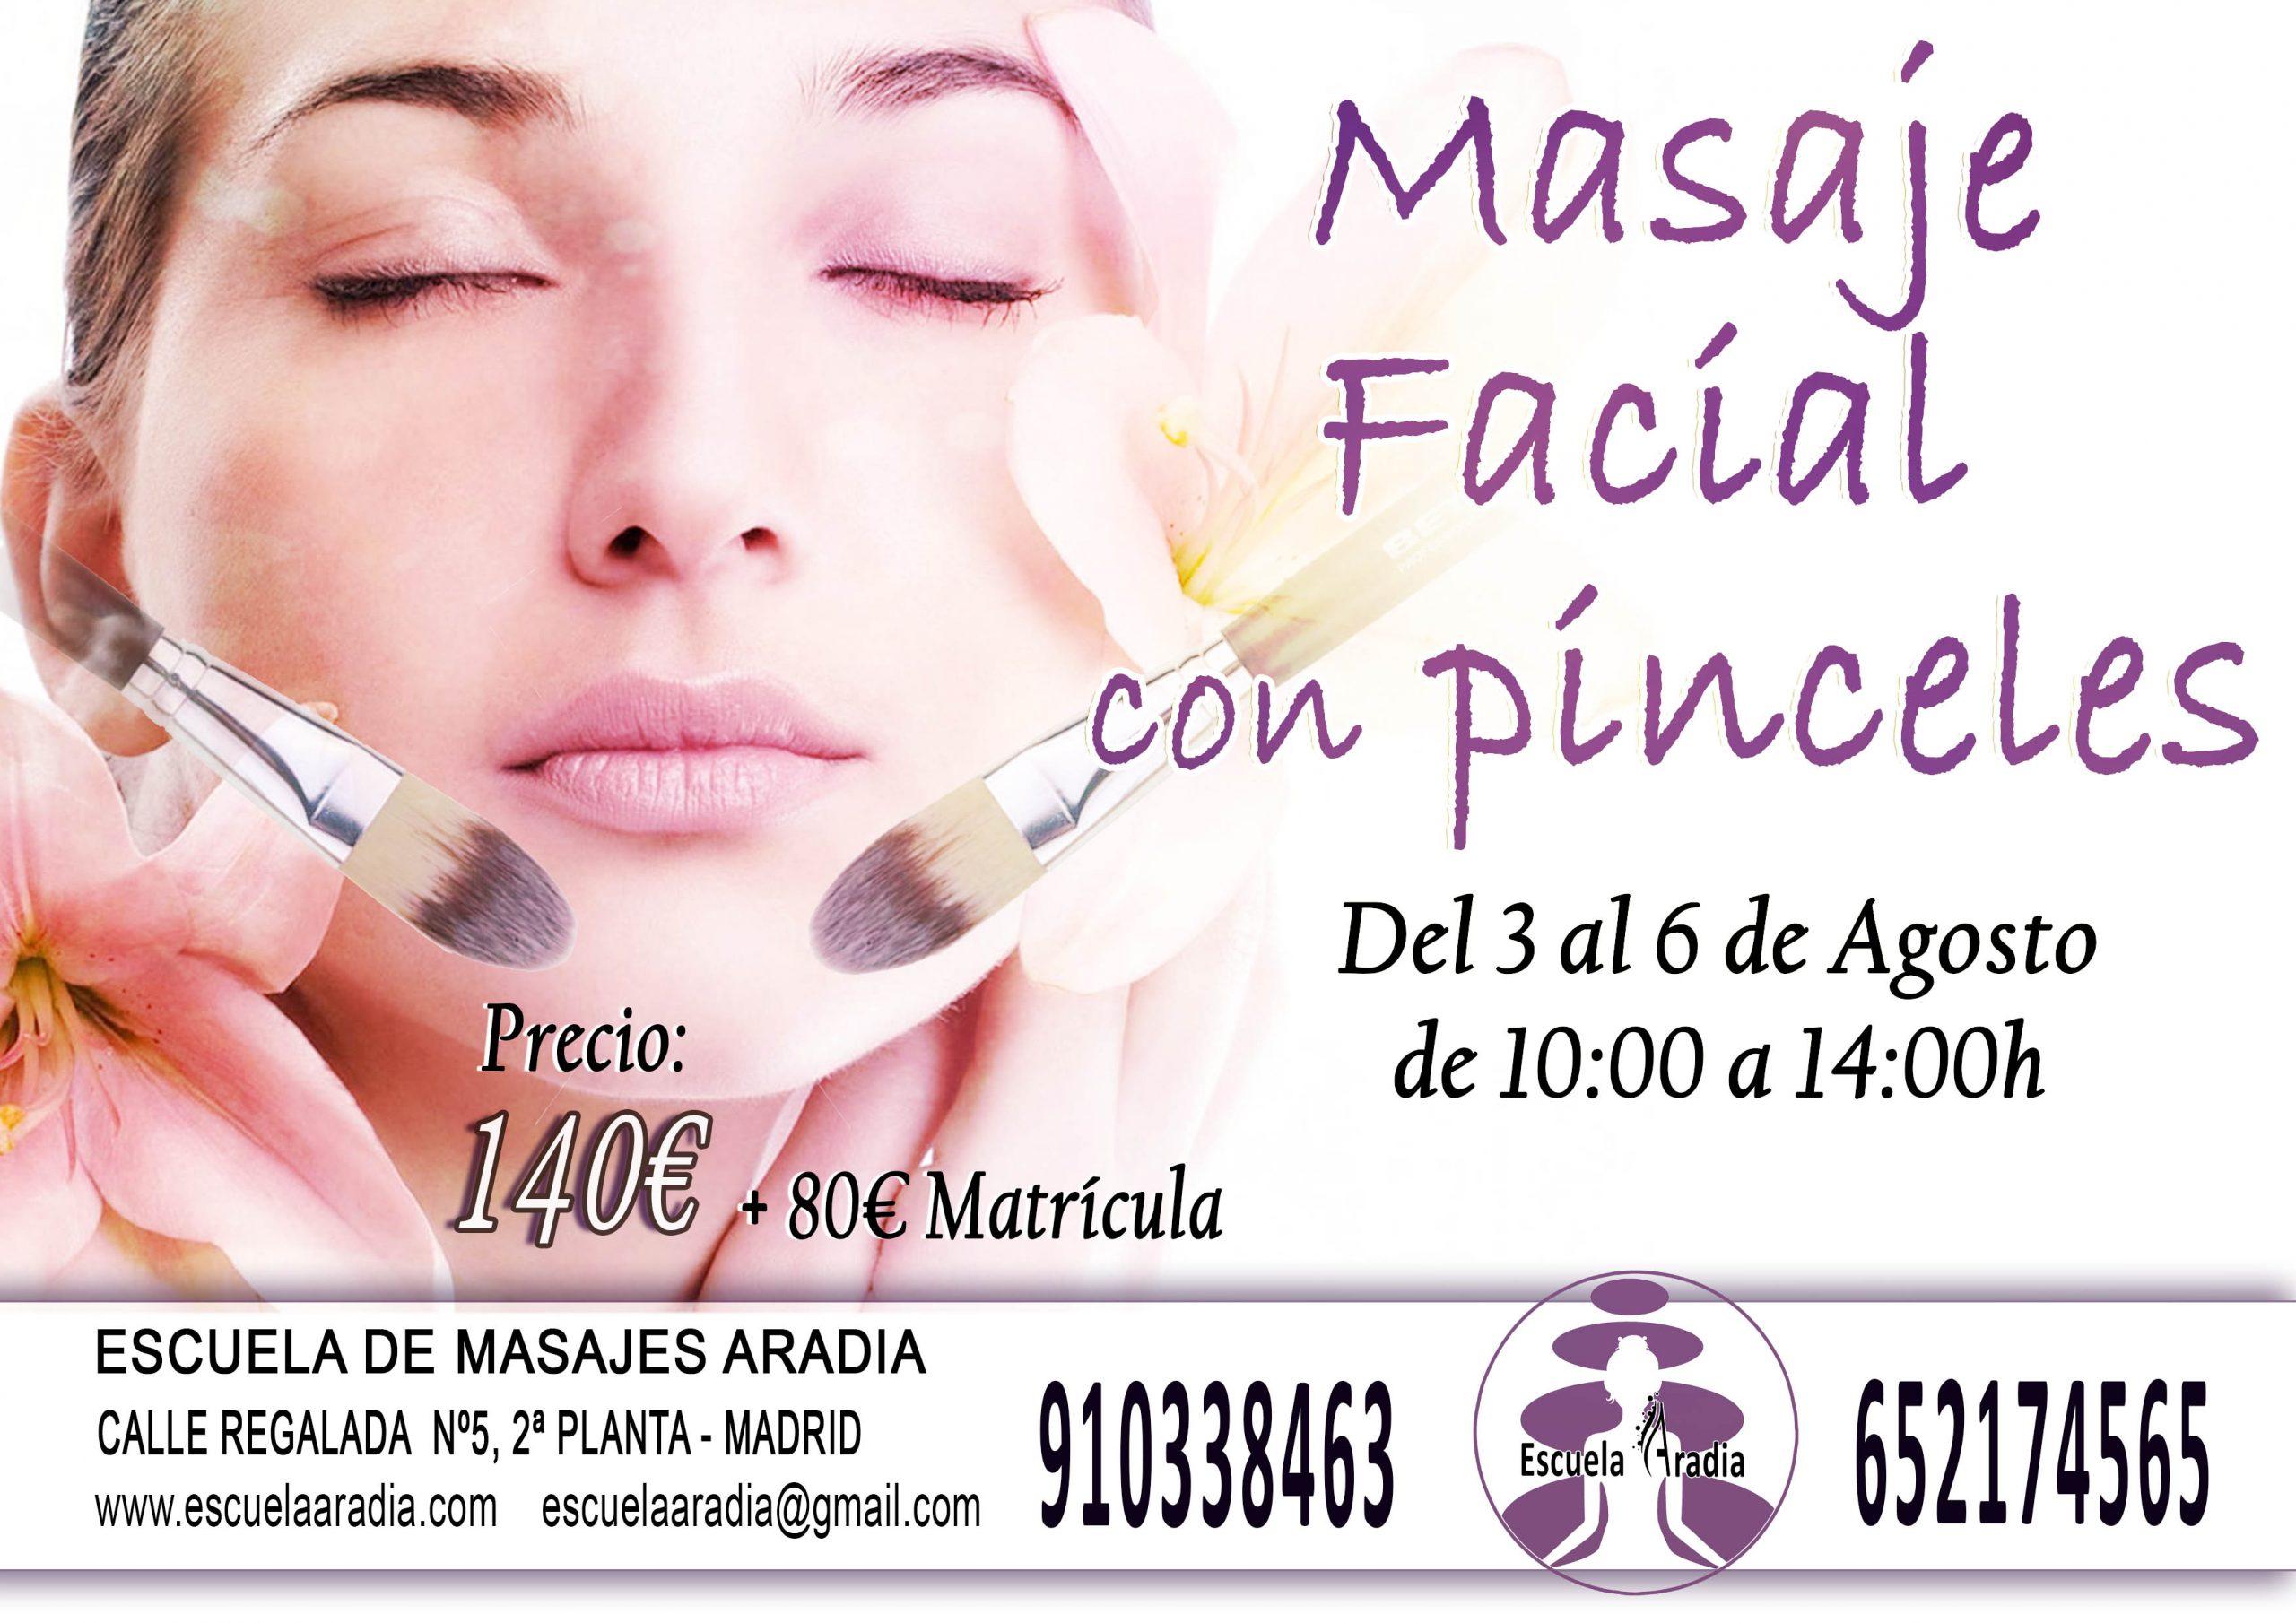 publicidad masaje facial con pinceles